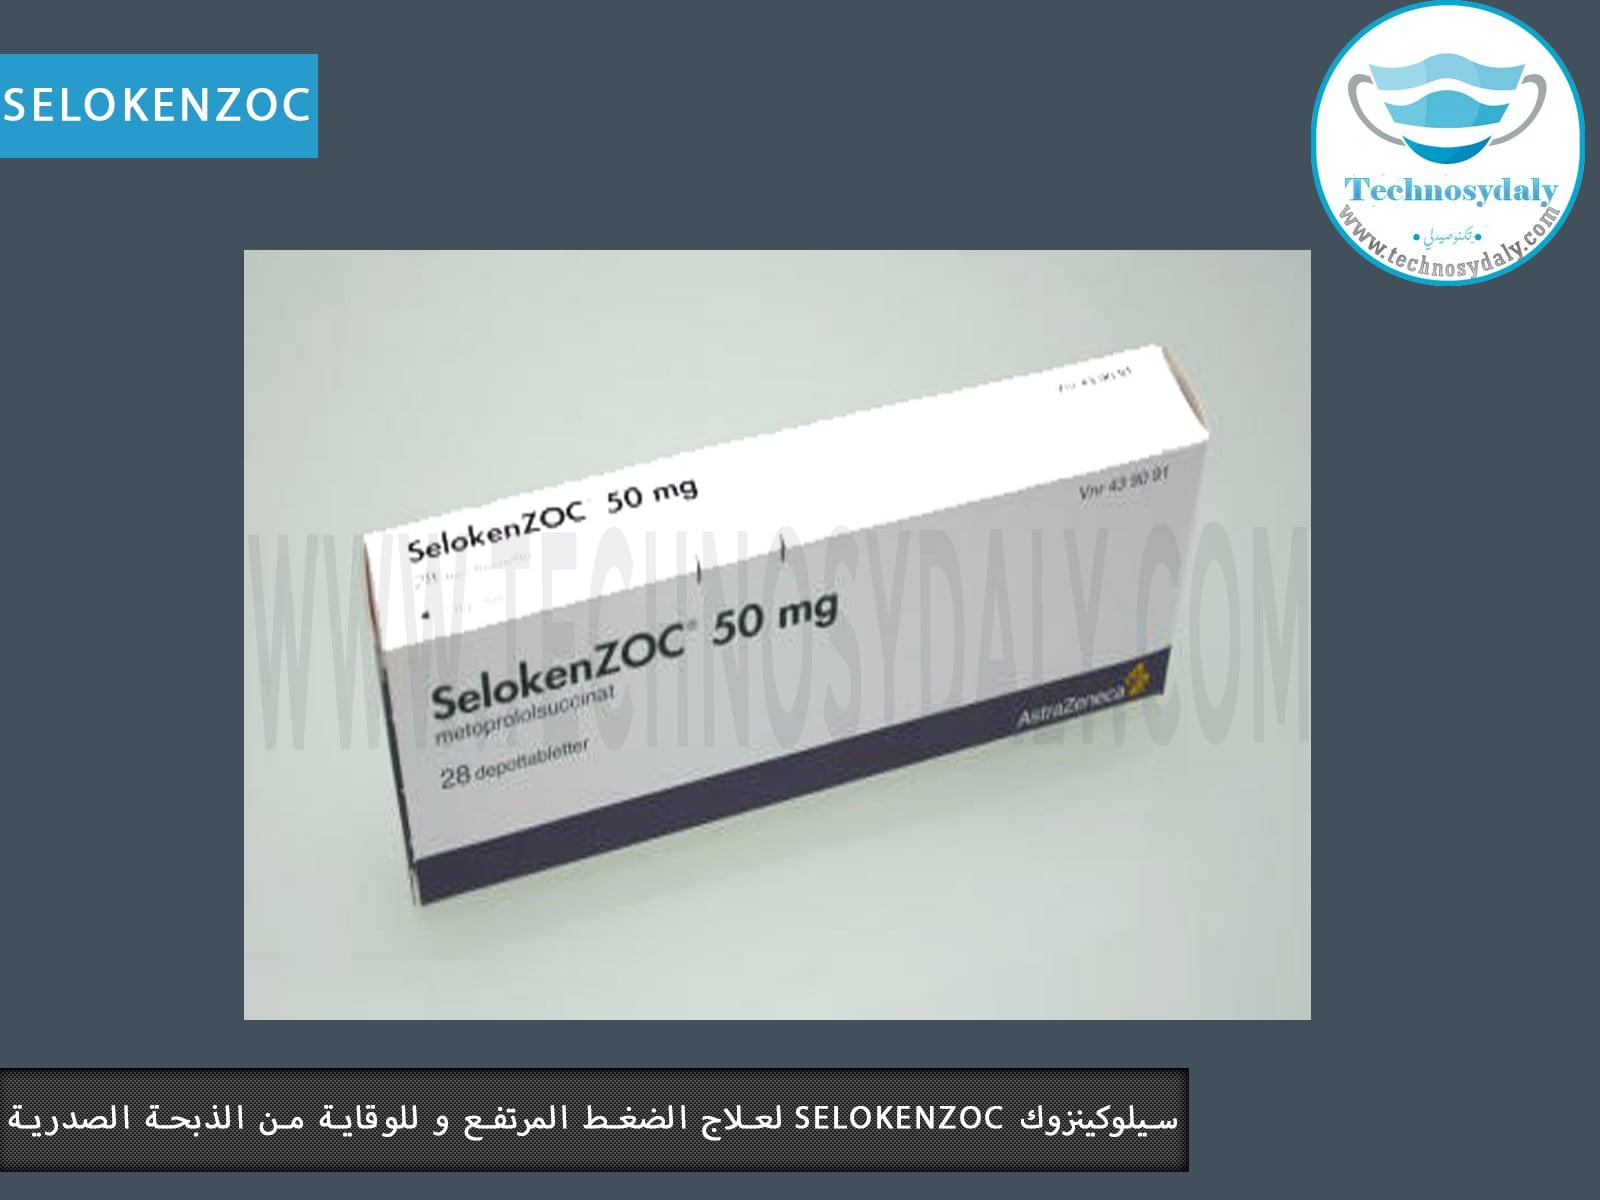 سیلوکینزوك selokenzoc لعلاج الضغط المرتفع